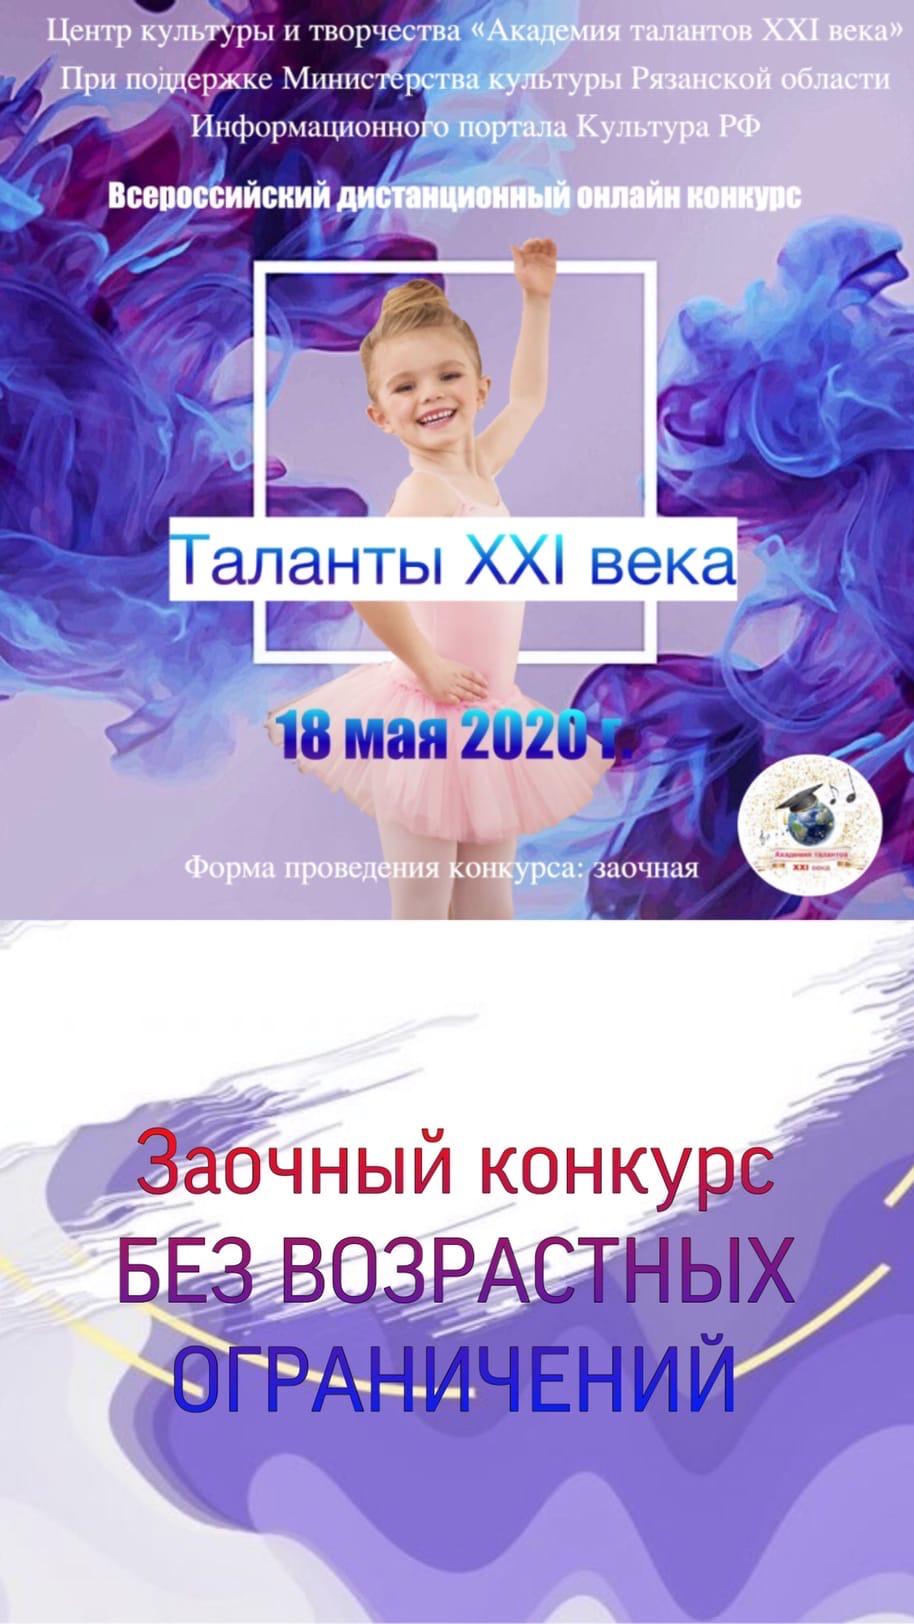 Всероссийский дистанционный заочный конкурс «Таланты XXI века онлайн»